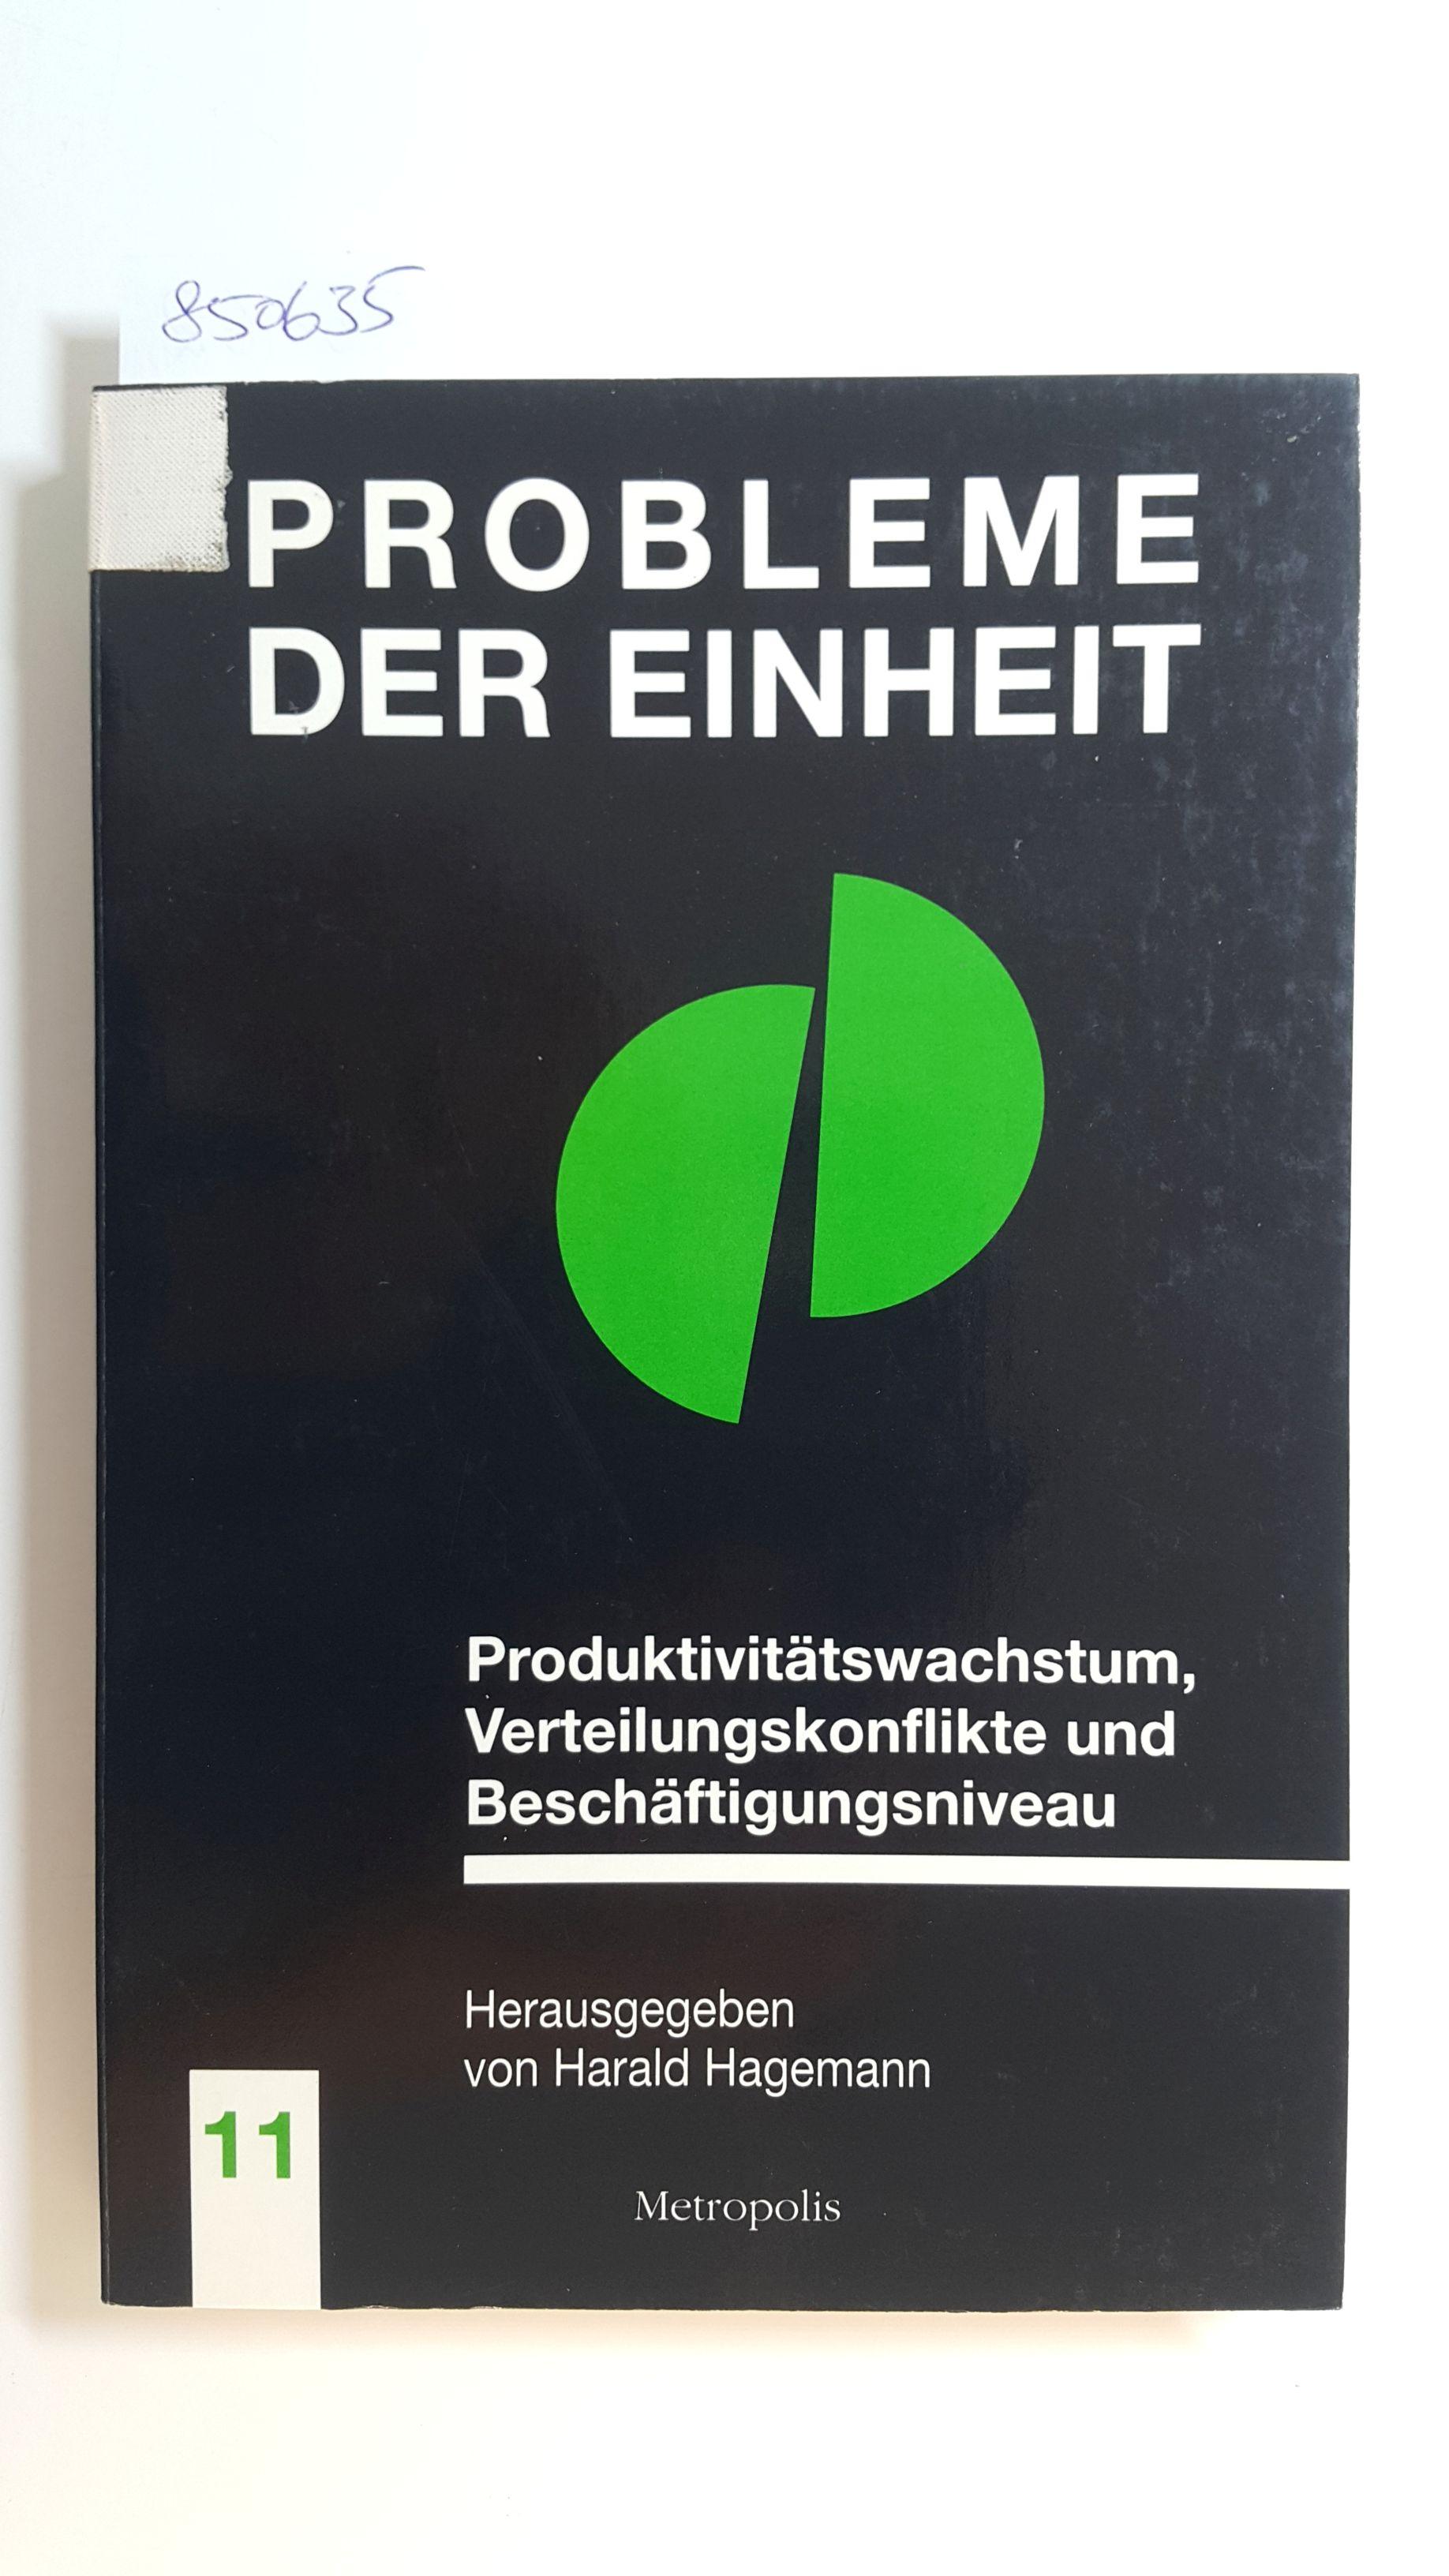 Produktivitätswachstum, Verteilungskonflikte und Beschäftigungsniveau: Hagemann, Harald [Hrsg]